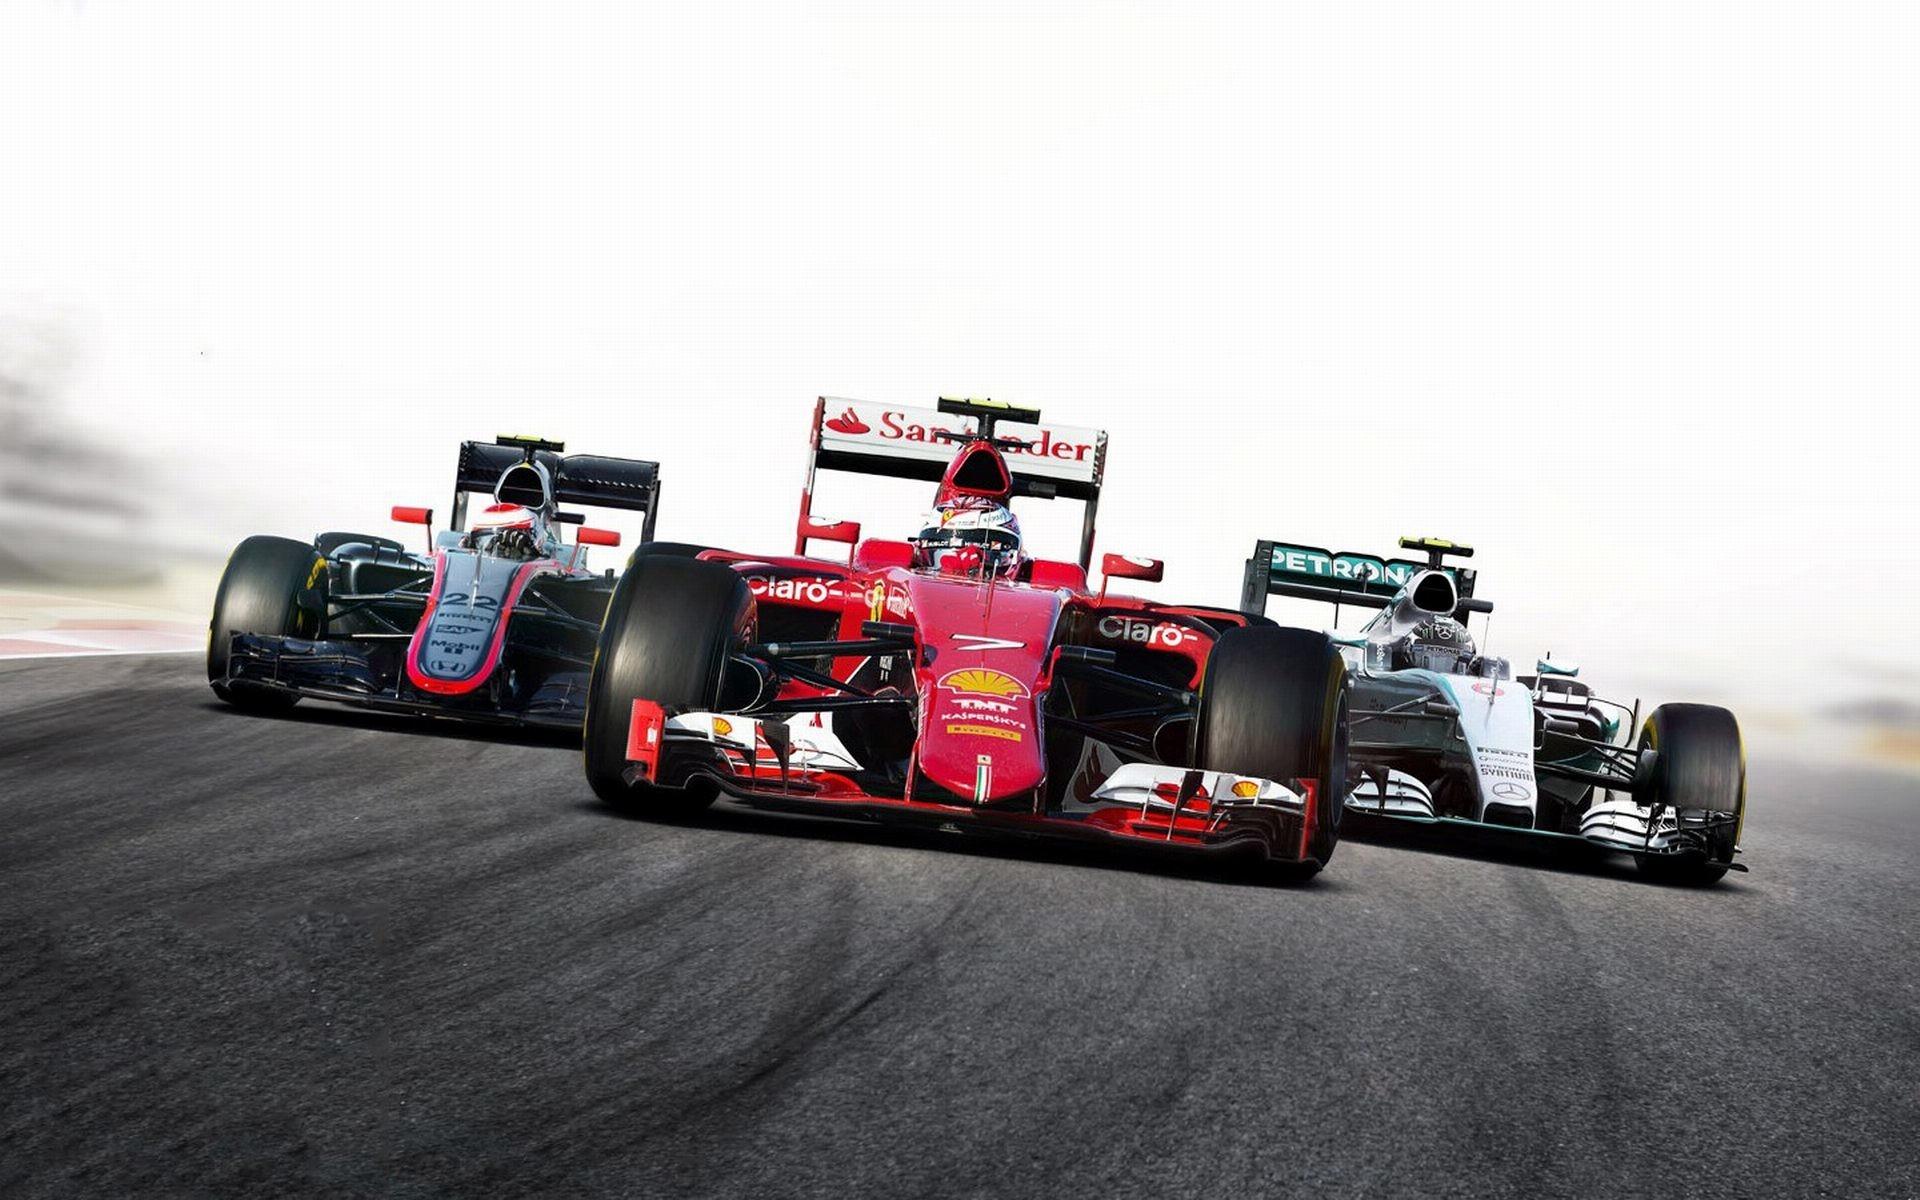 F1 Wallpaper Mobile #e8h